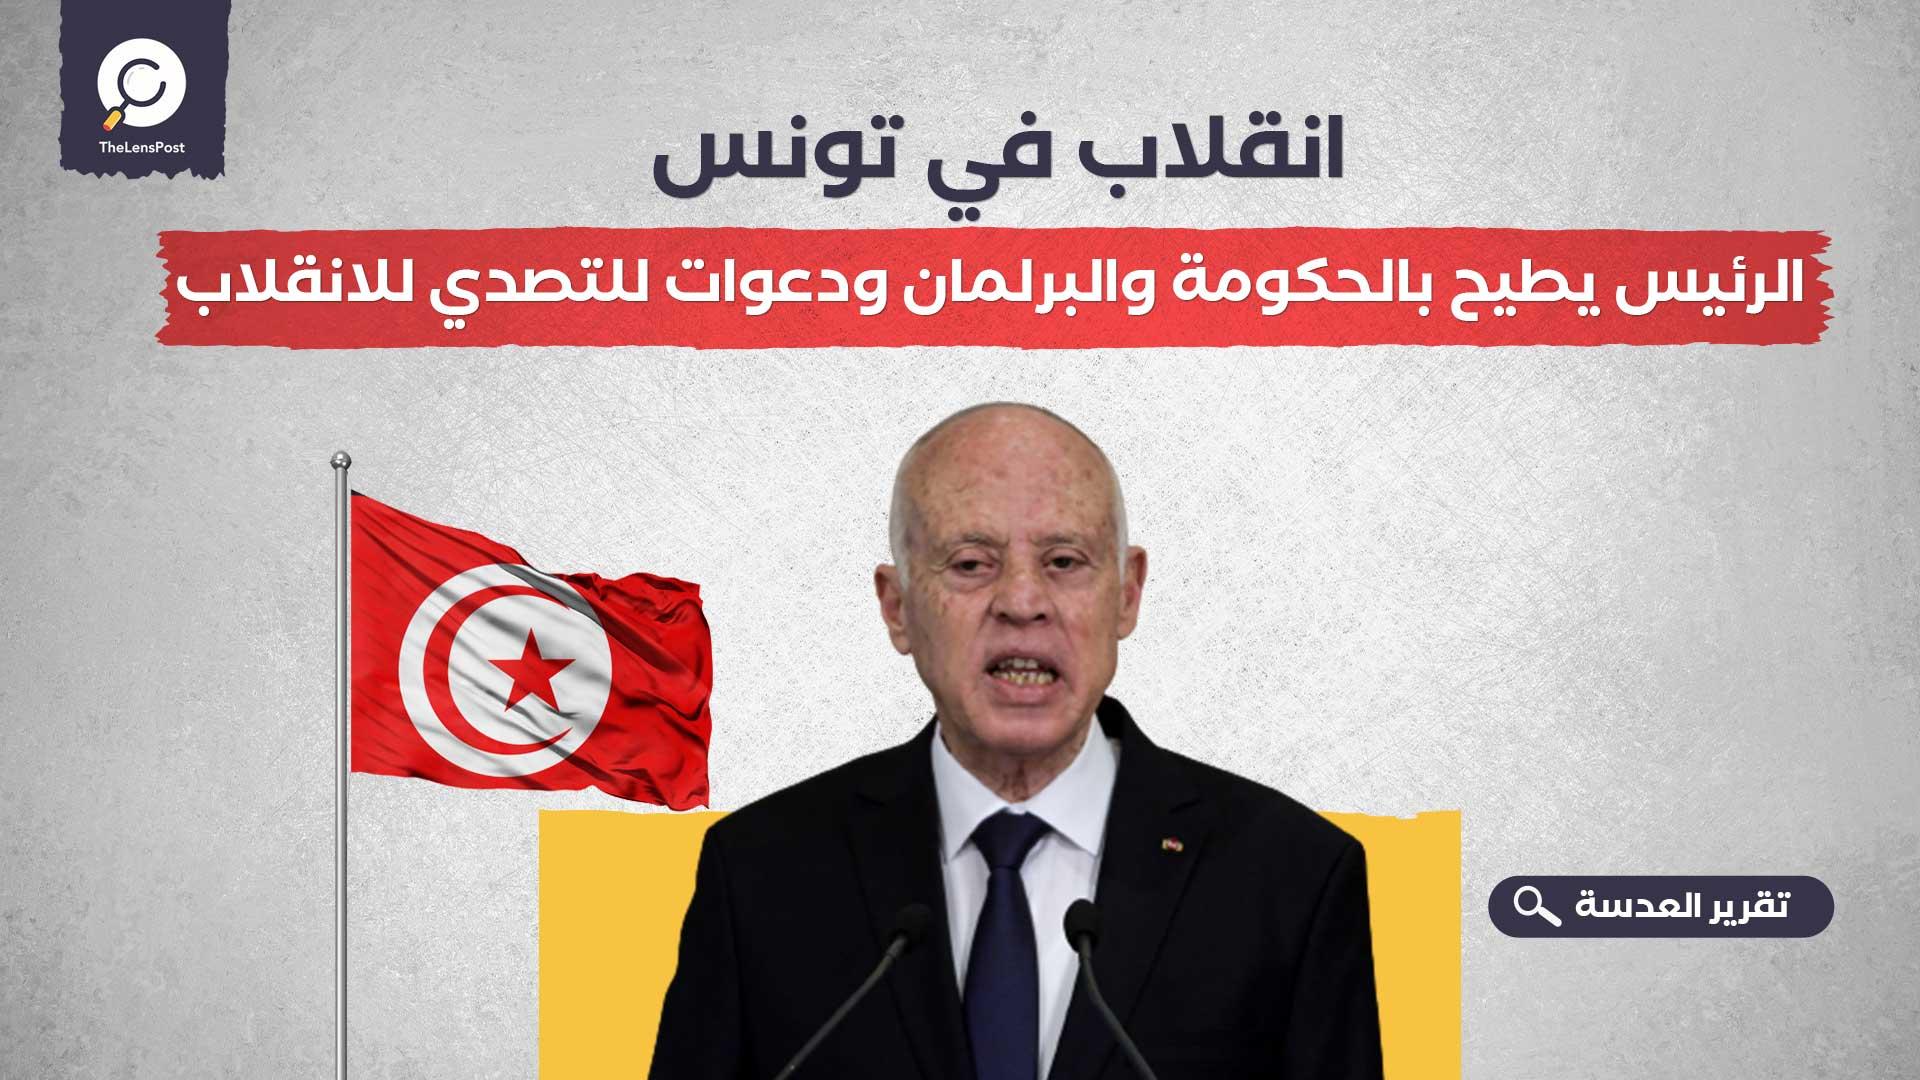 انقلاب في تونس.. الرئيس يطيح بالحكومة والبرلمان ودعوات للتصدي للانقلاب